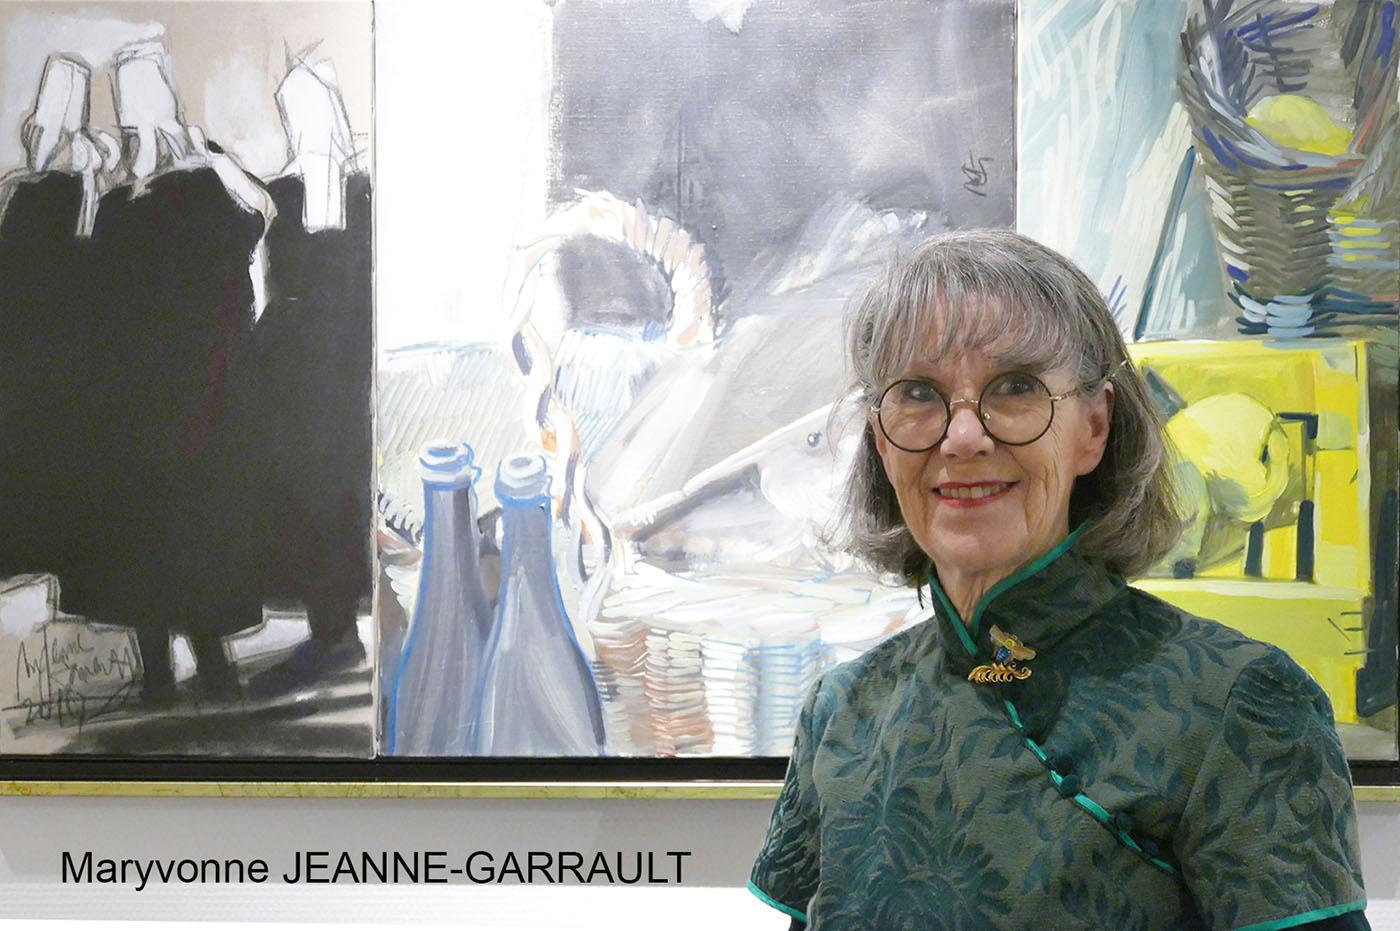 Maryvonne Jeanne-Garrault